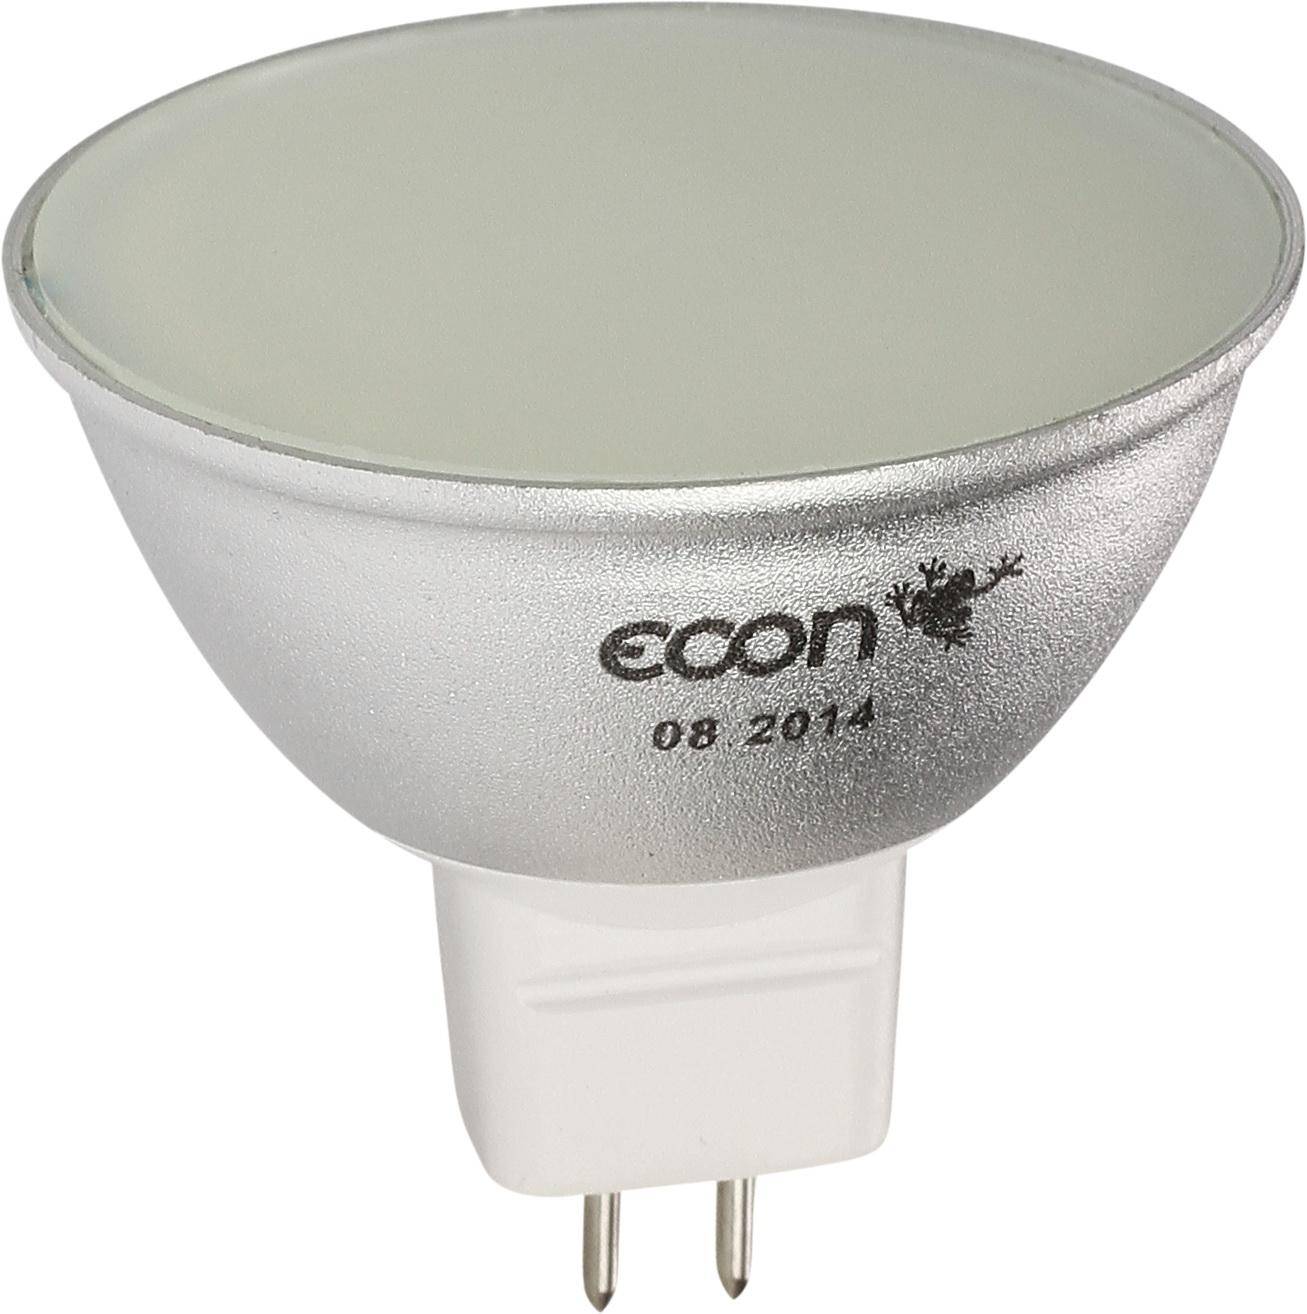 Фото 2/3 Led mr 5Вт gu5.3 4200k 12v, Лампа светодиодная 5Вт,12В